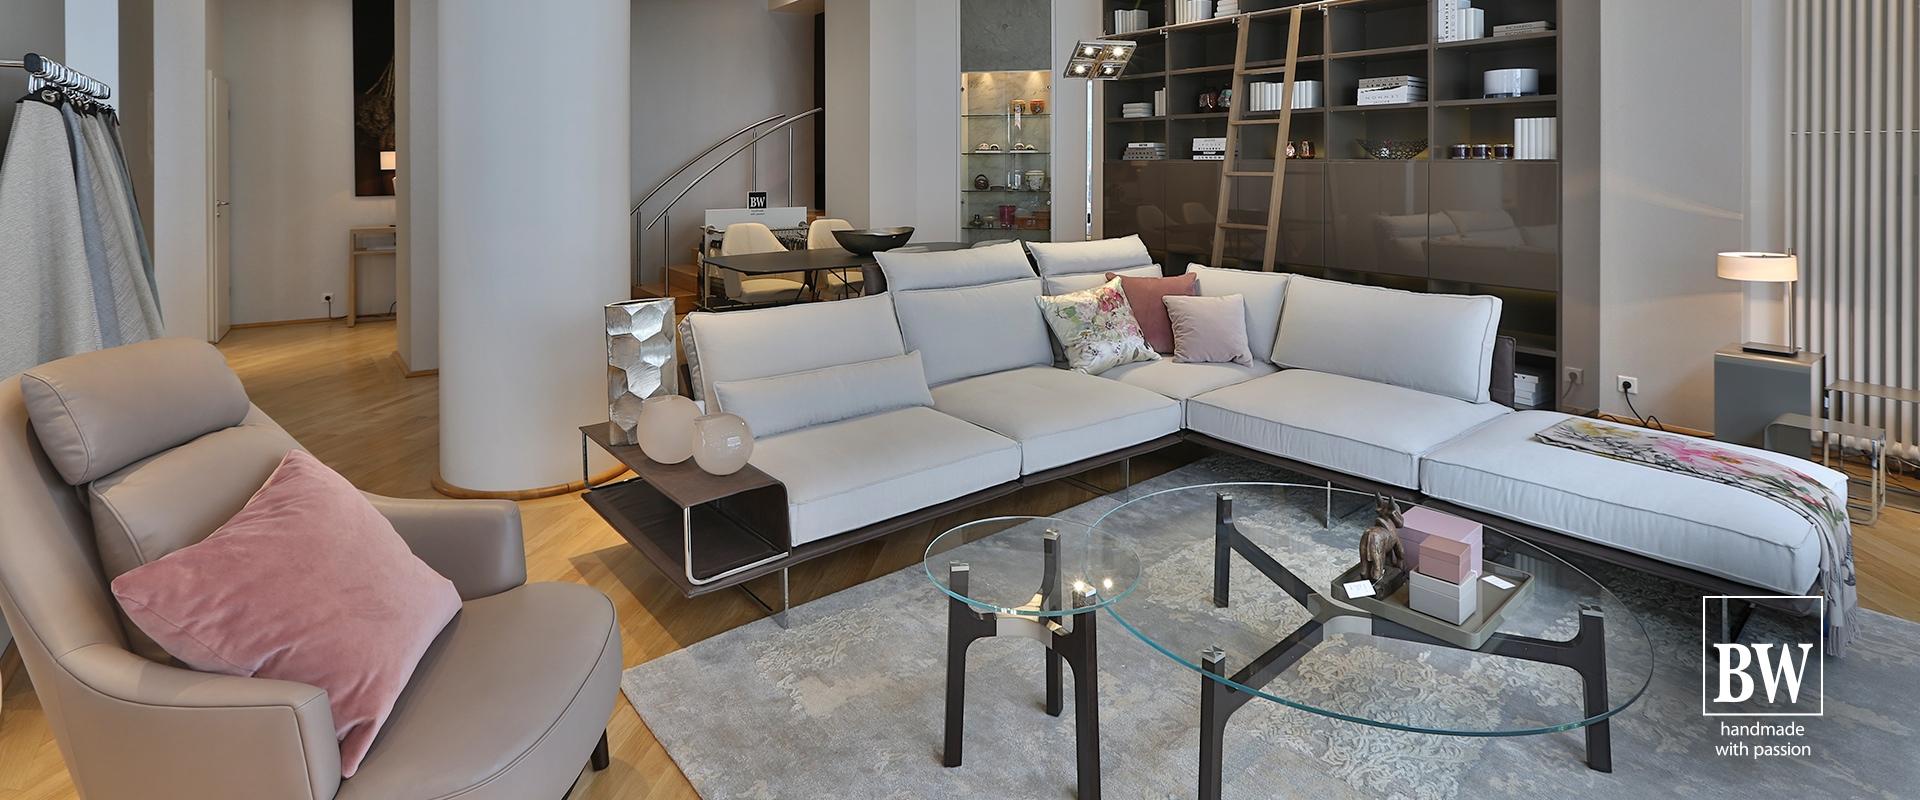 Im BW-Studio Hannover by Hans G. Bock finden Sie das Sofa Cube Air von ipdesign.